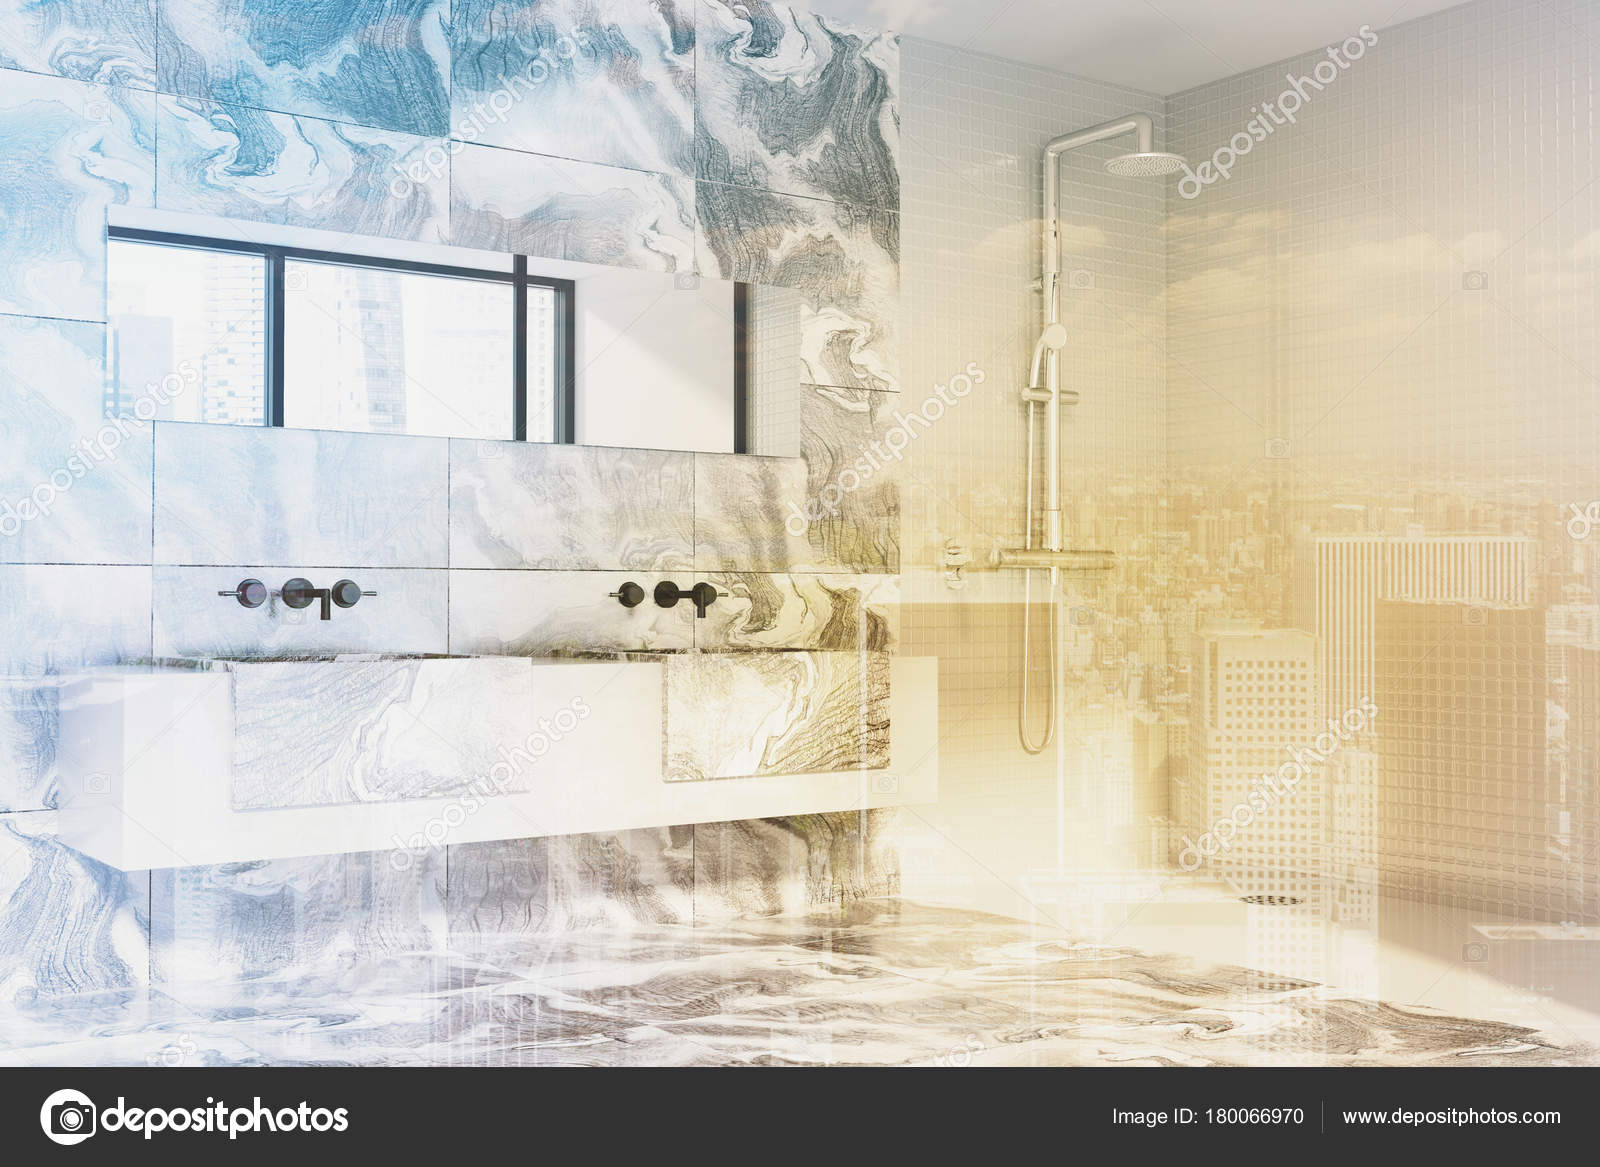 Bagno in marmo bianco doccia e lavandino tonica u foto stock